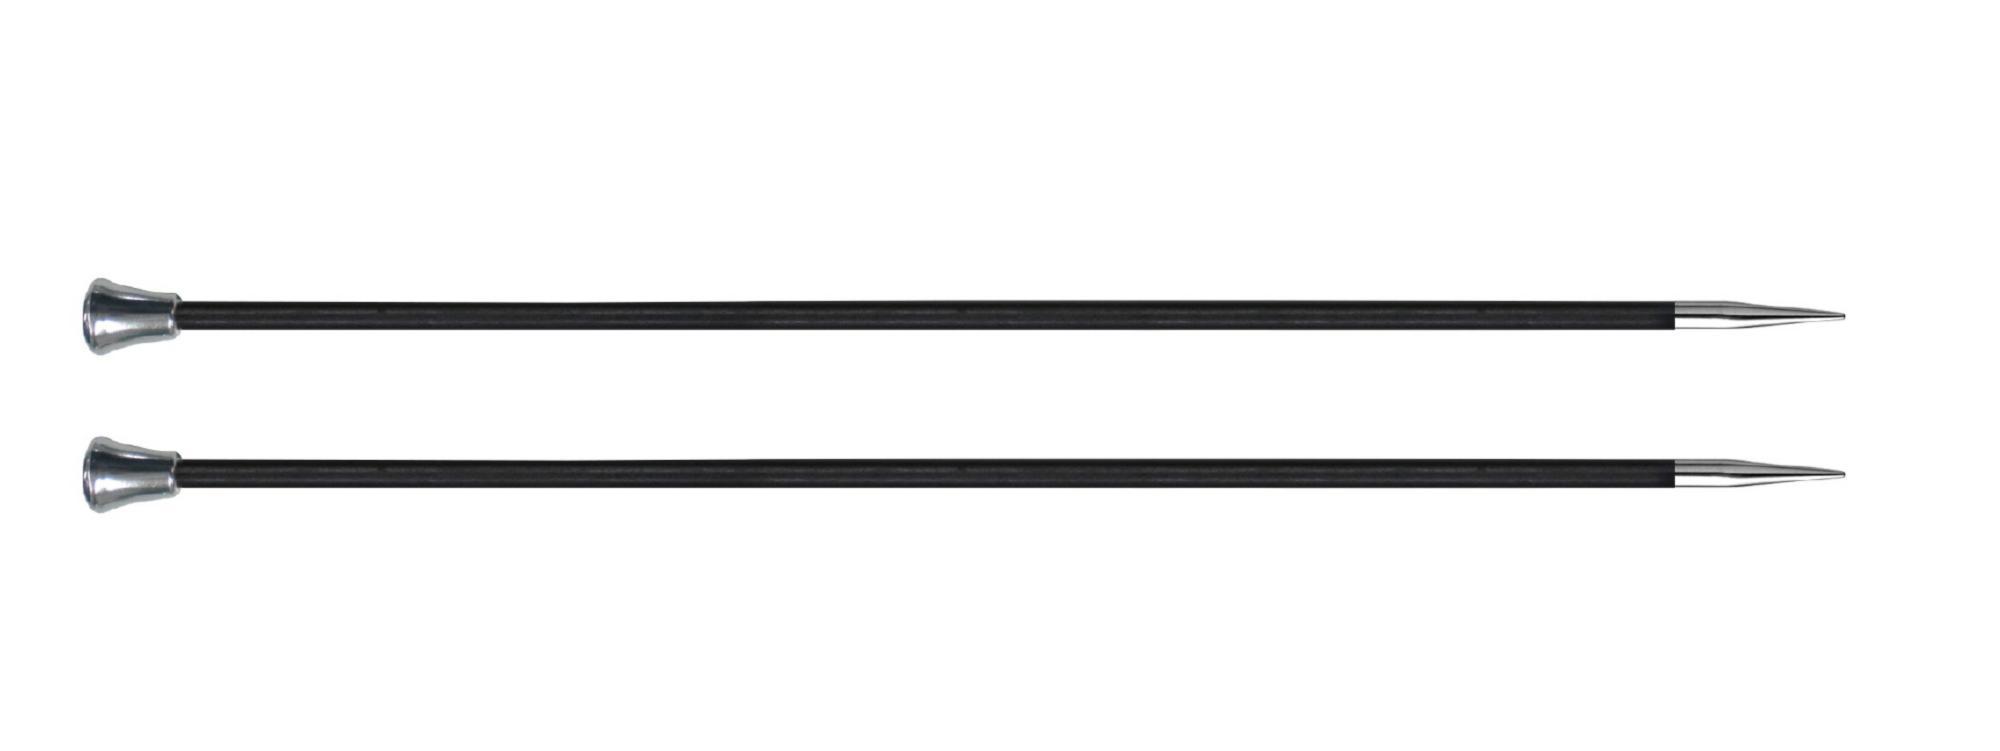 Спицы прямые 35 см Karbonz KnitPro, 41292, 6.00 мм